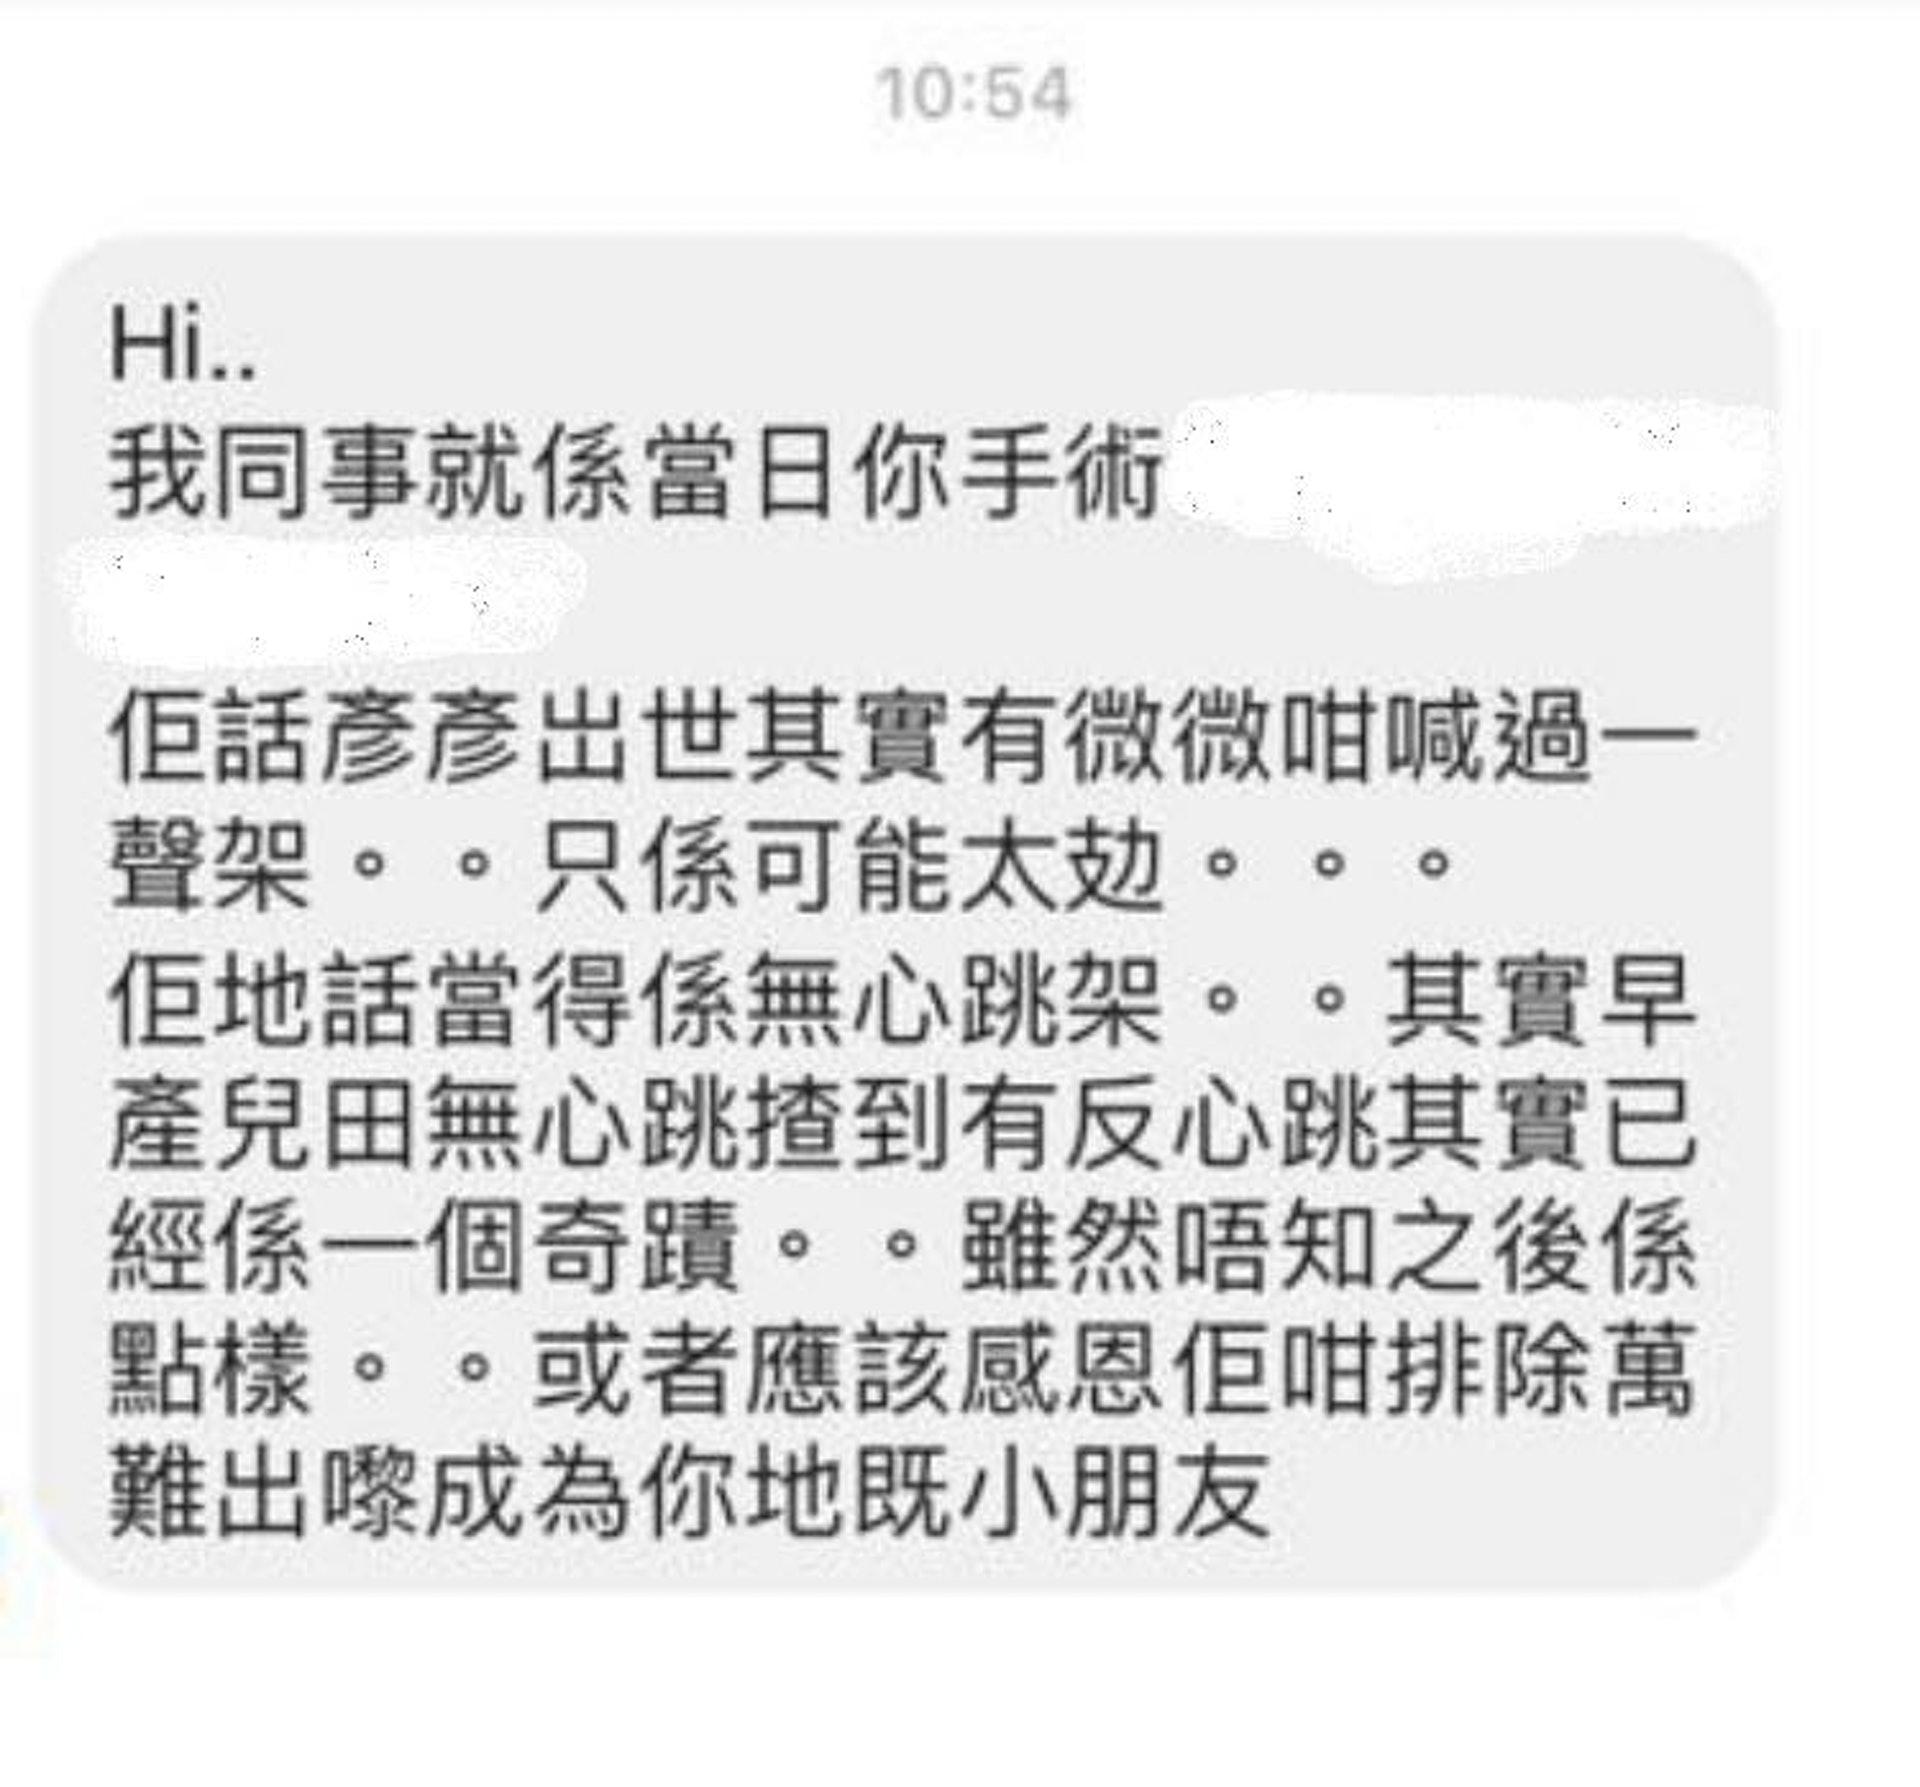 秋彥的父母分享與醫護的對話。(未得歸家的小秋彥facebook圖片)